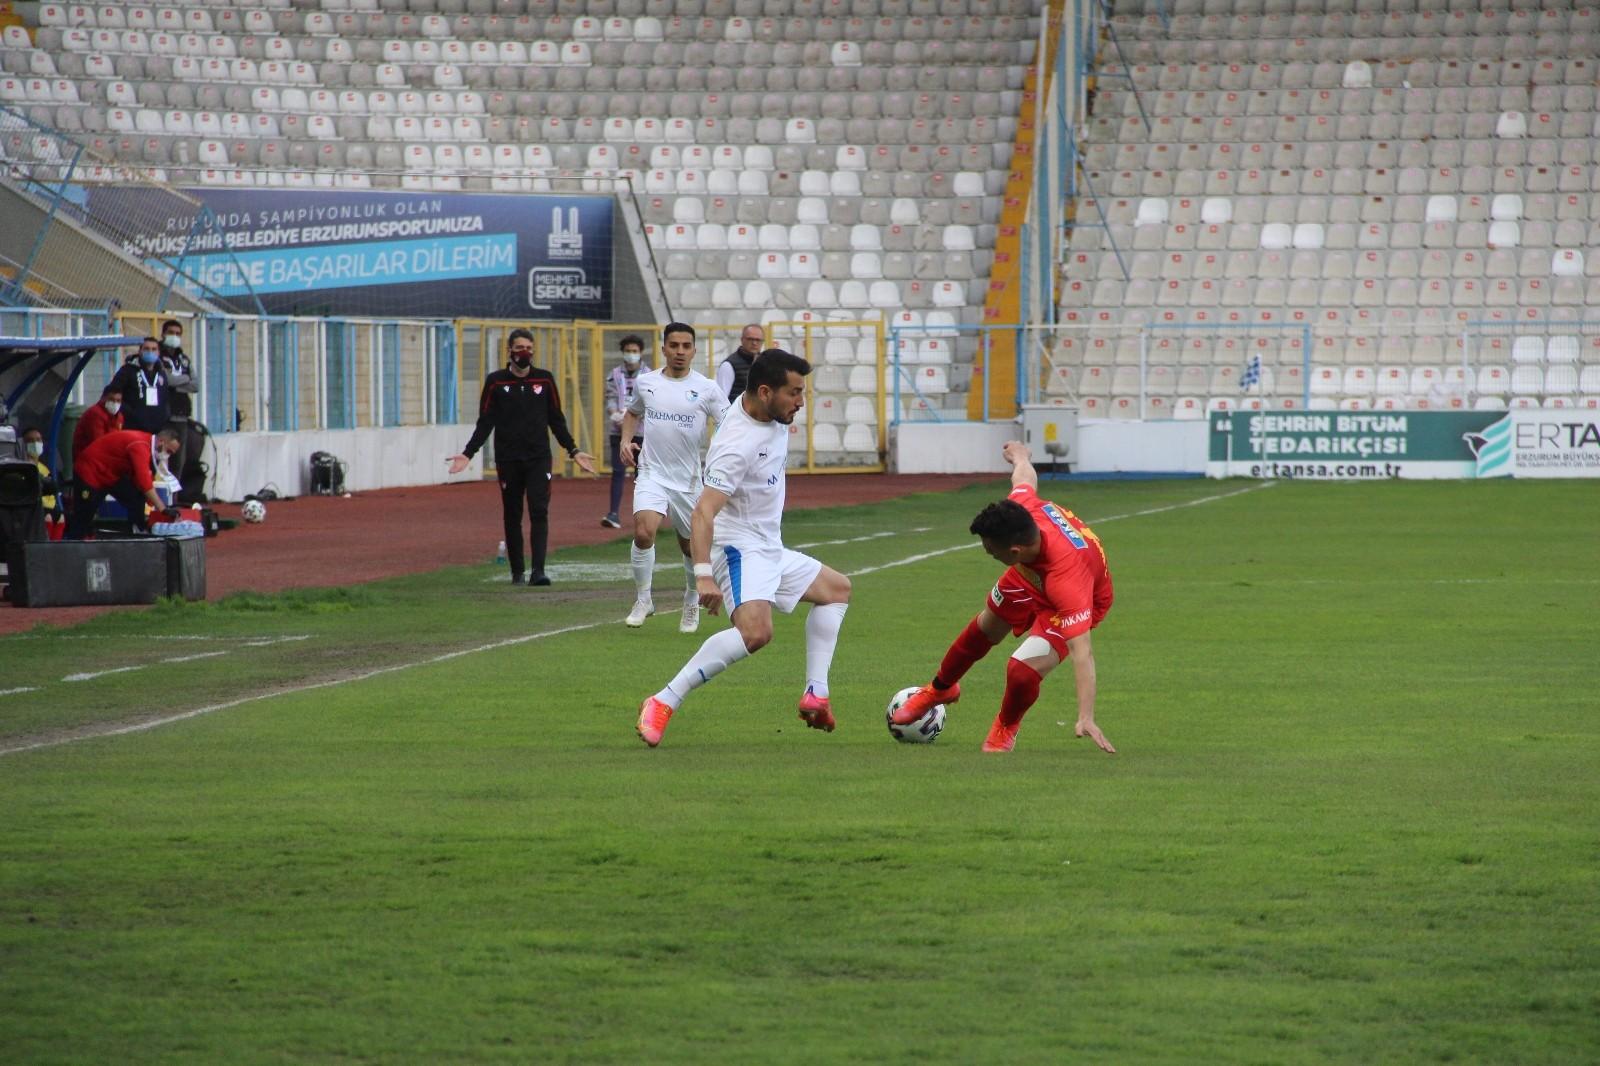 Süper Lig: BB Erzurumspor: 1 – Yeni Malatyaspor: 0 (Maç sonucu)